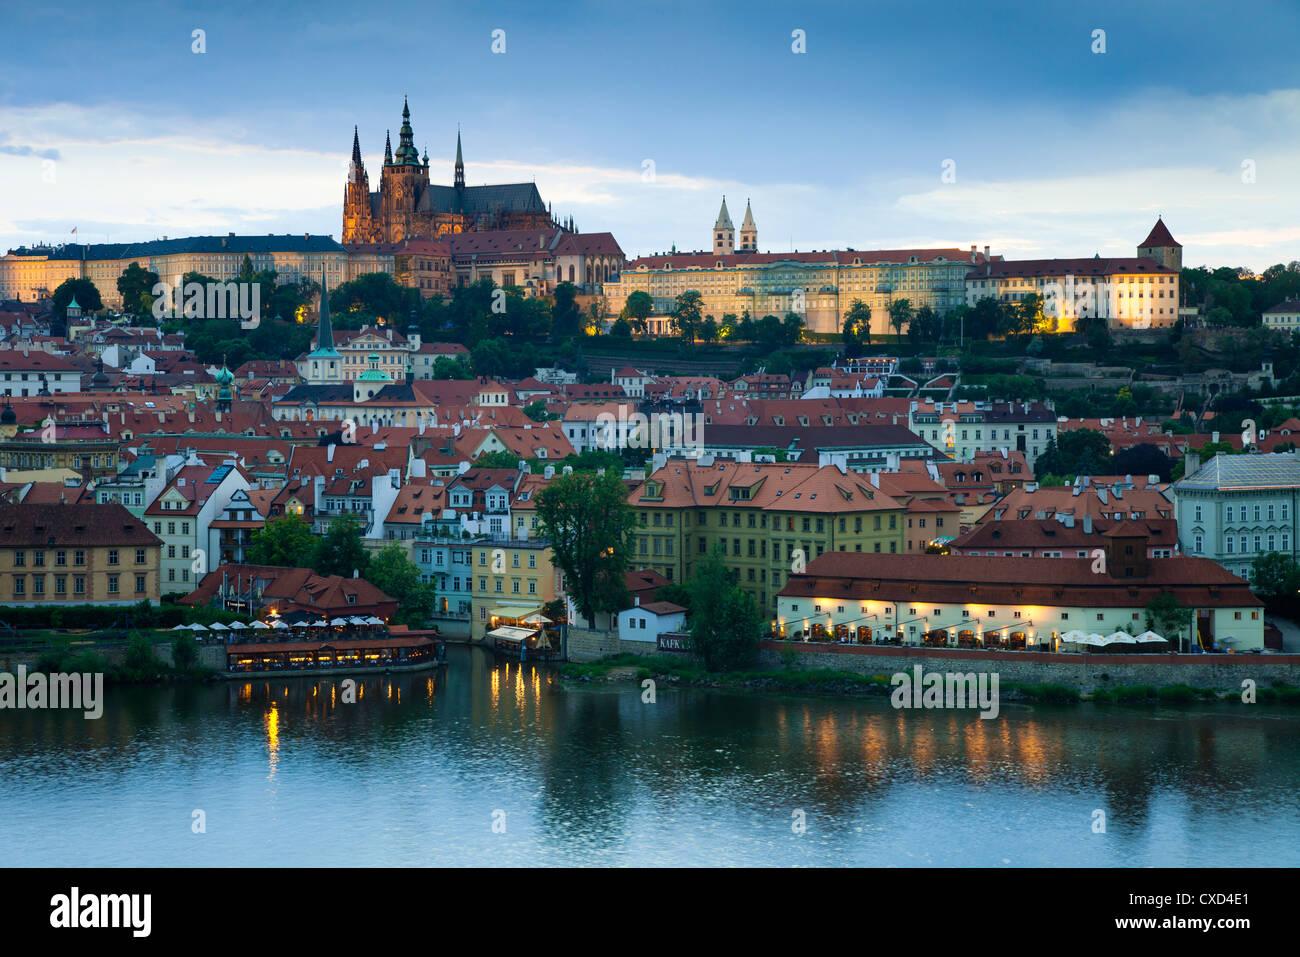 Cattedrale di San Vito, il fiume Vltava e il quartiere del Castello illuminata di sera, Praga, Repubblica Ceca Immagini Stock